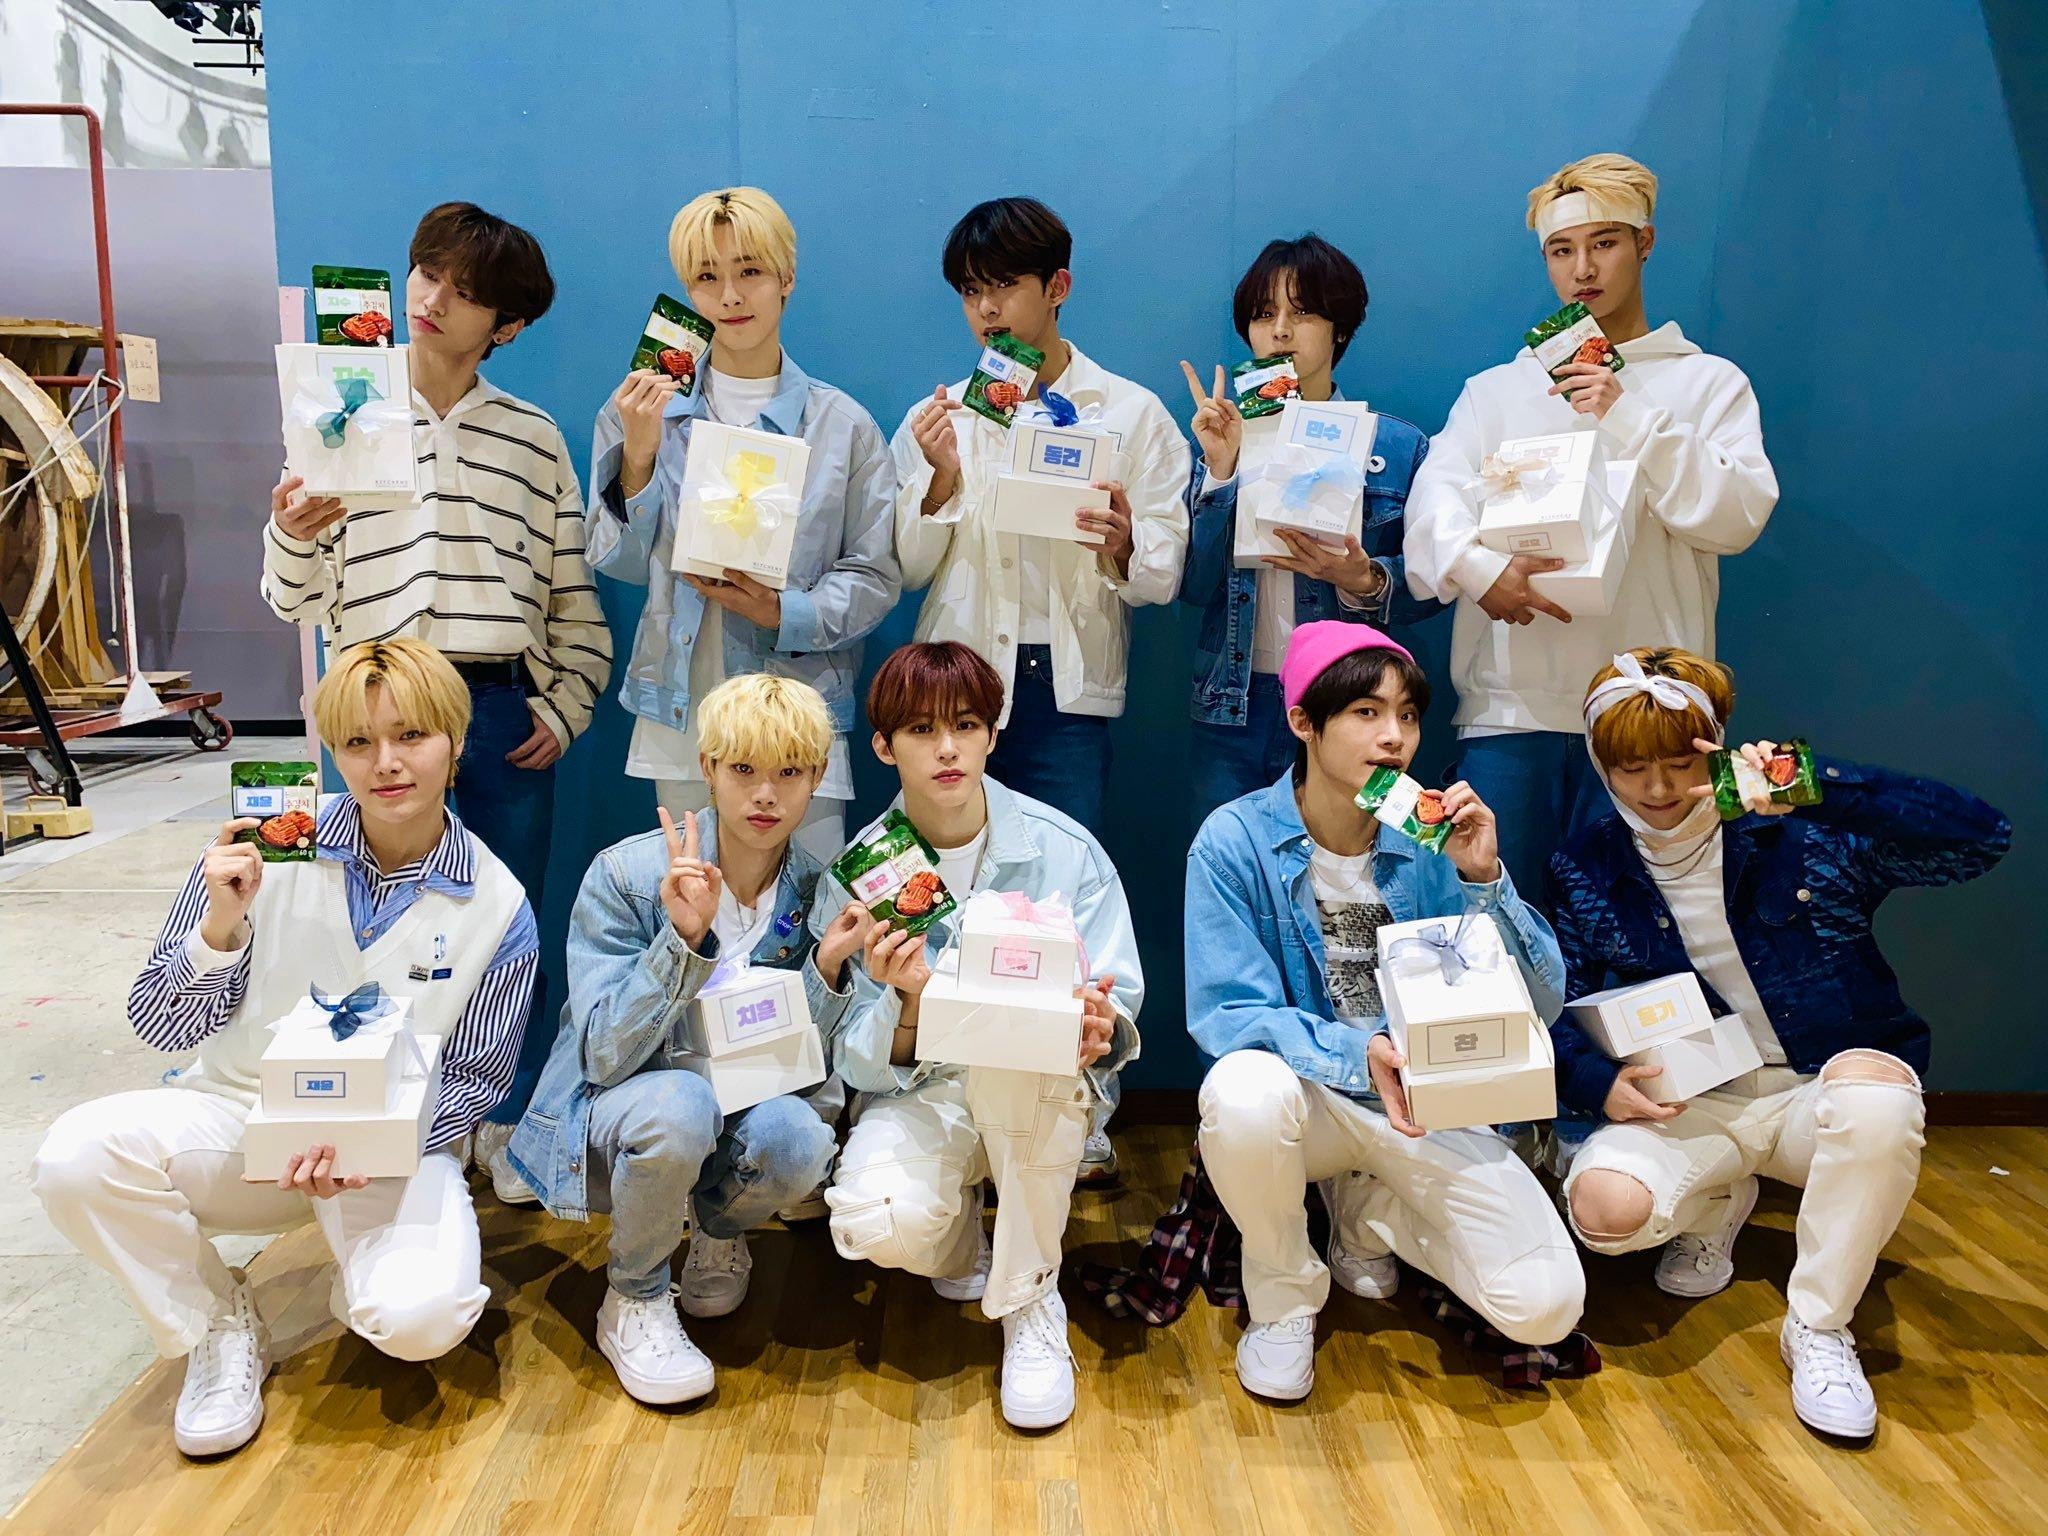 2020年韩国新出道偶像团专辑销量TOP10,已经有3个团专辑销量超过30万张插图14